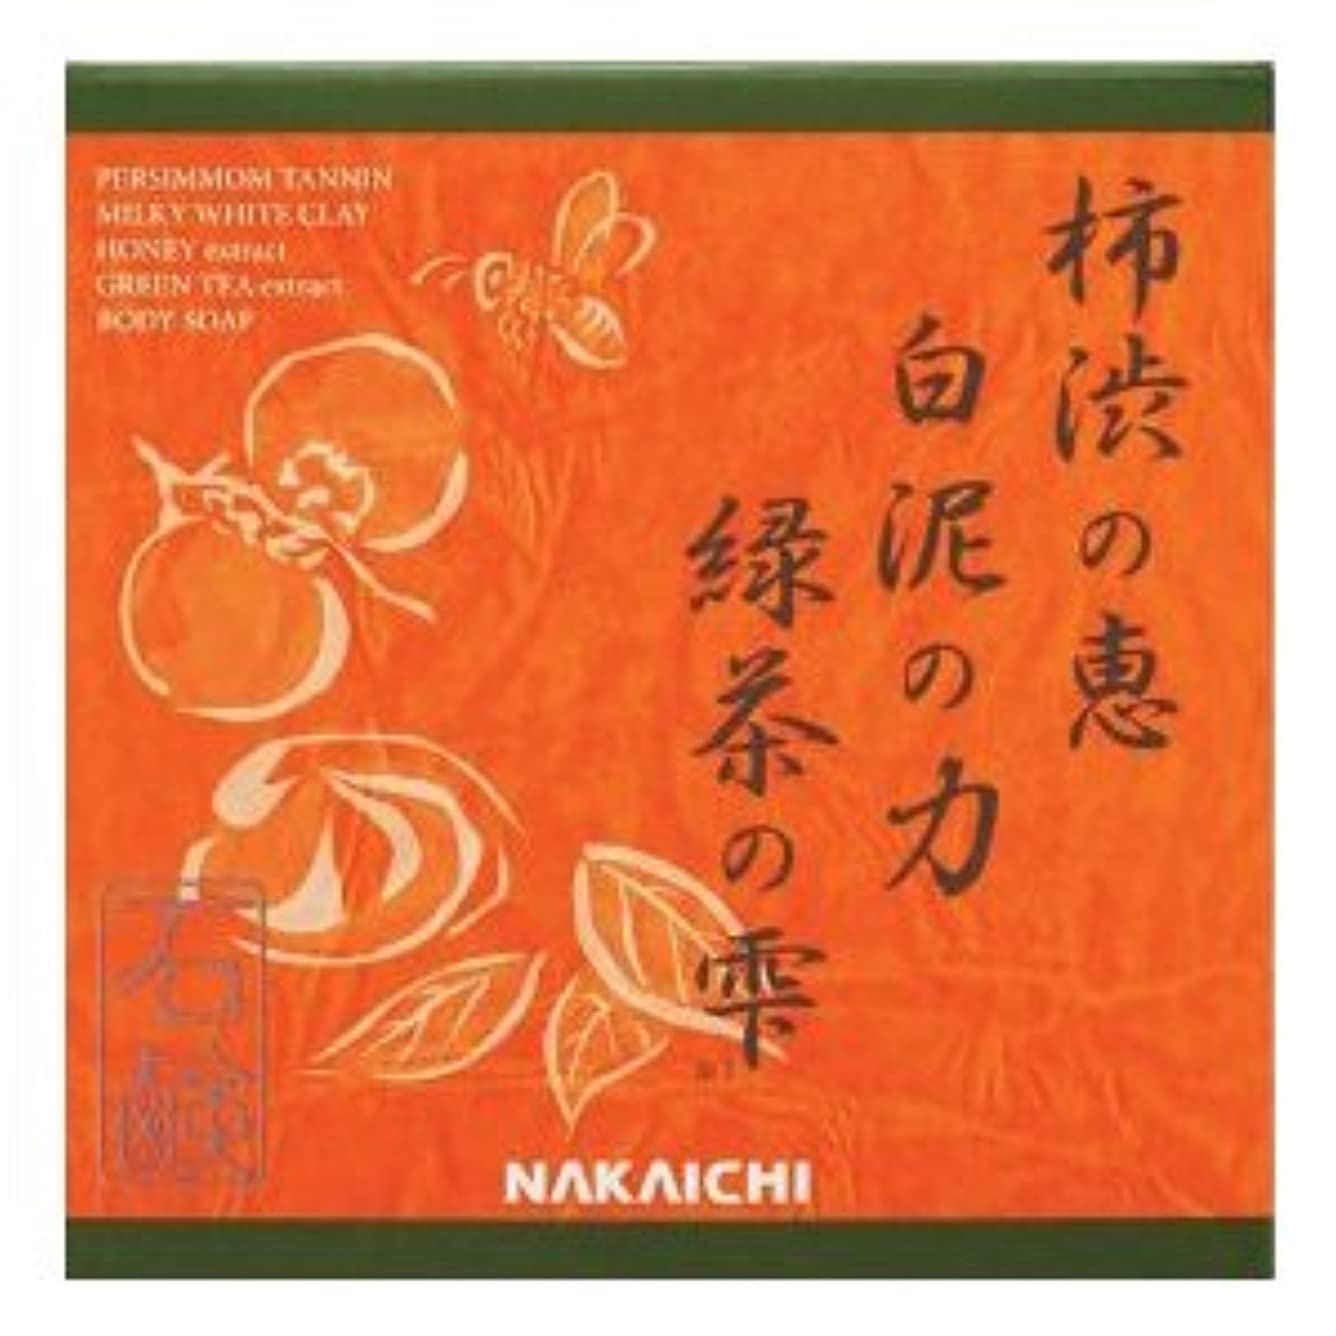 波紋熱イライラする柿渋の恵み?白泥の力?緑茶の雫  Nakaichi クリアボディーソープ  100g  (化粧品)